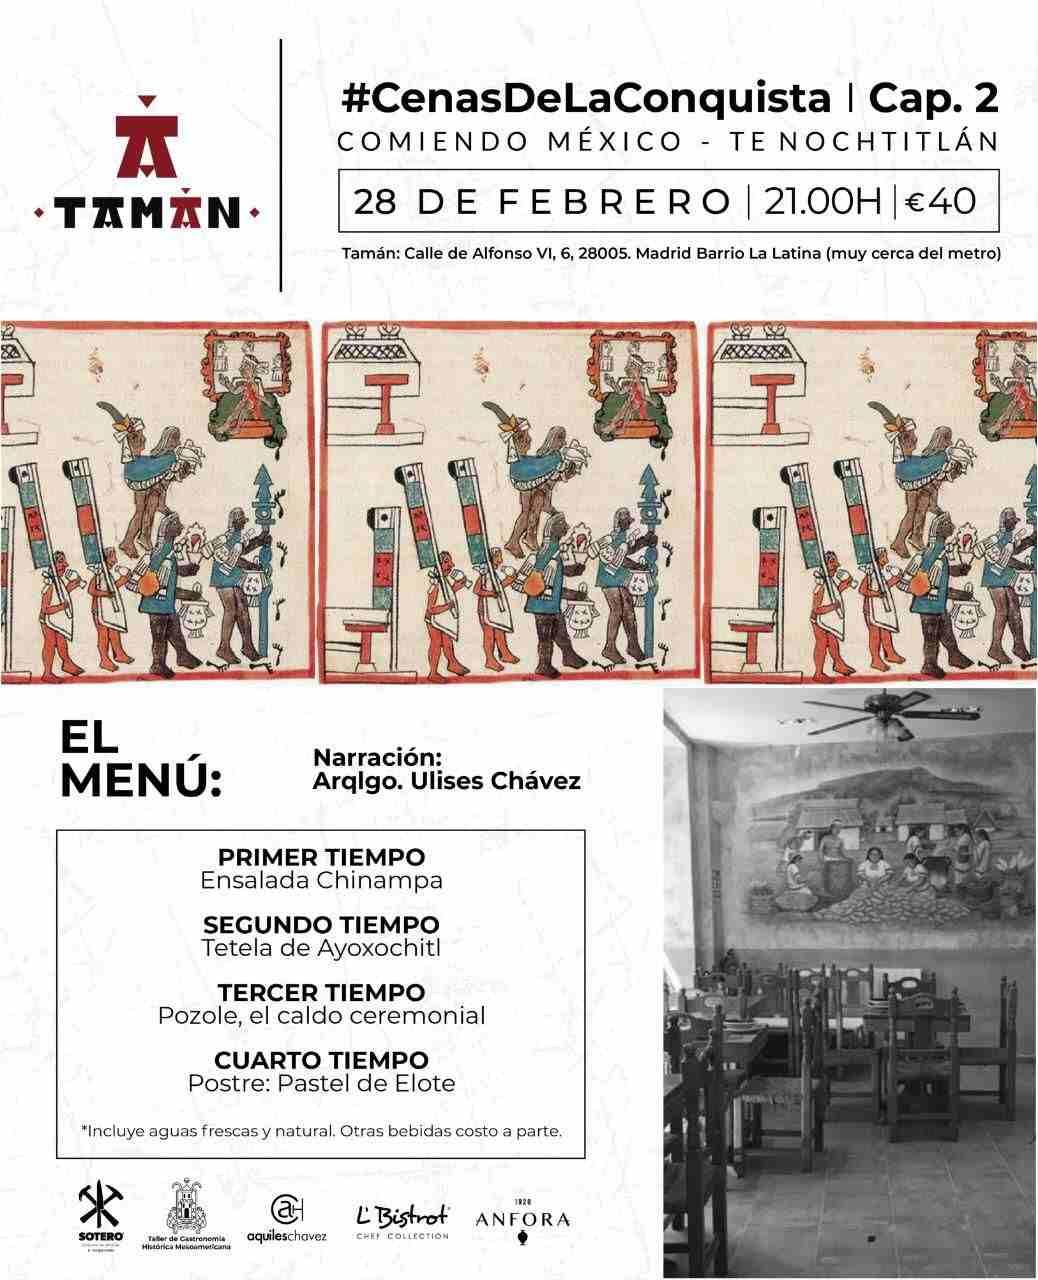 Cenas de la Conquista - Tamán